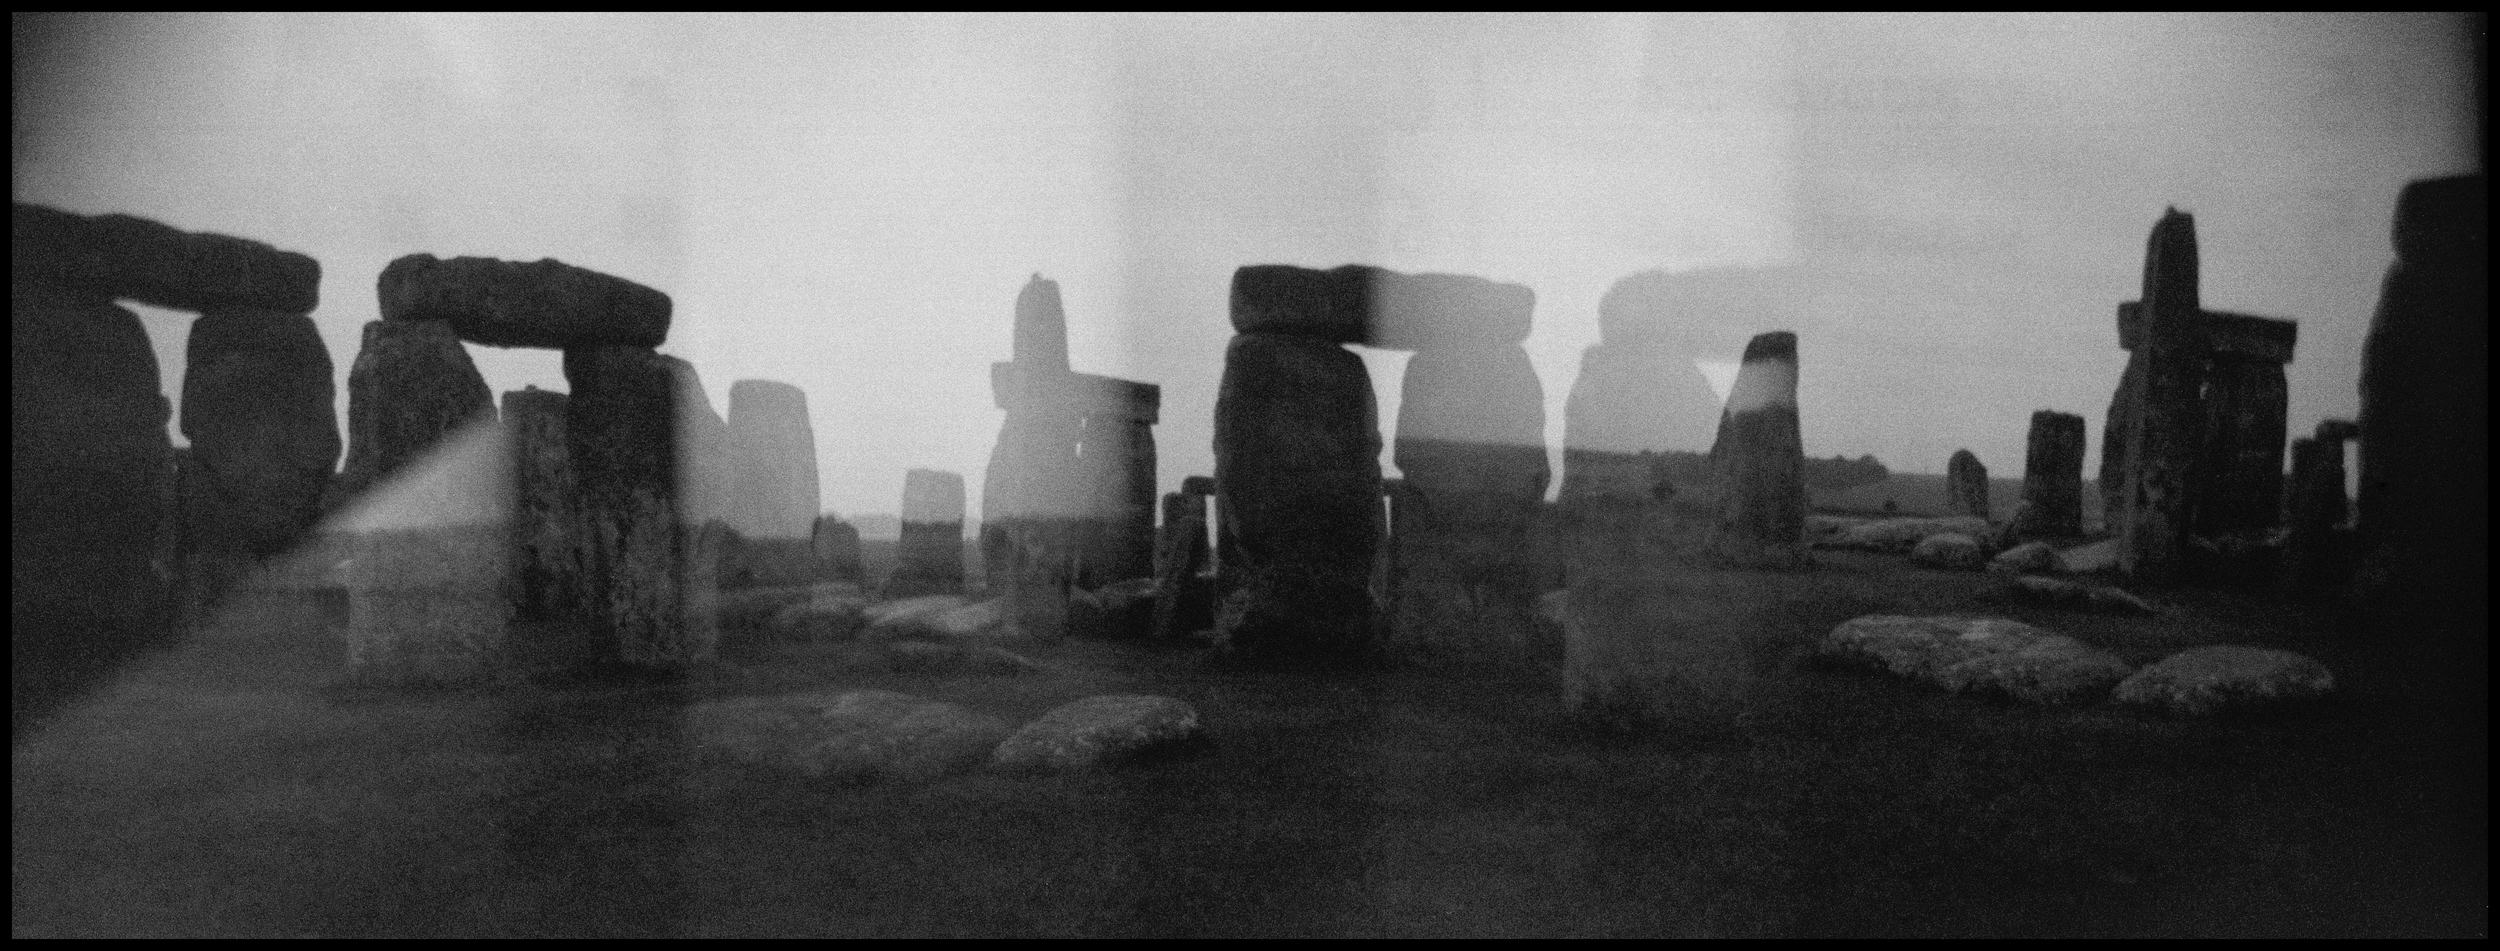 Holga Stonehenge025.jpg